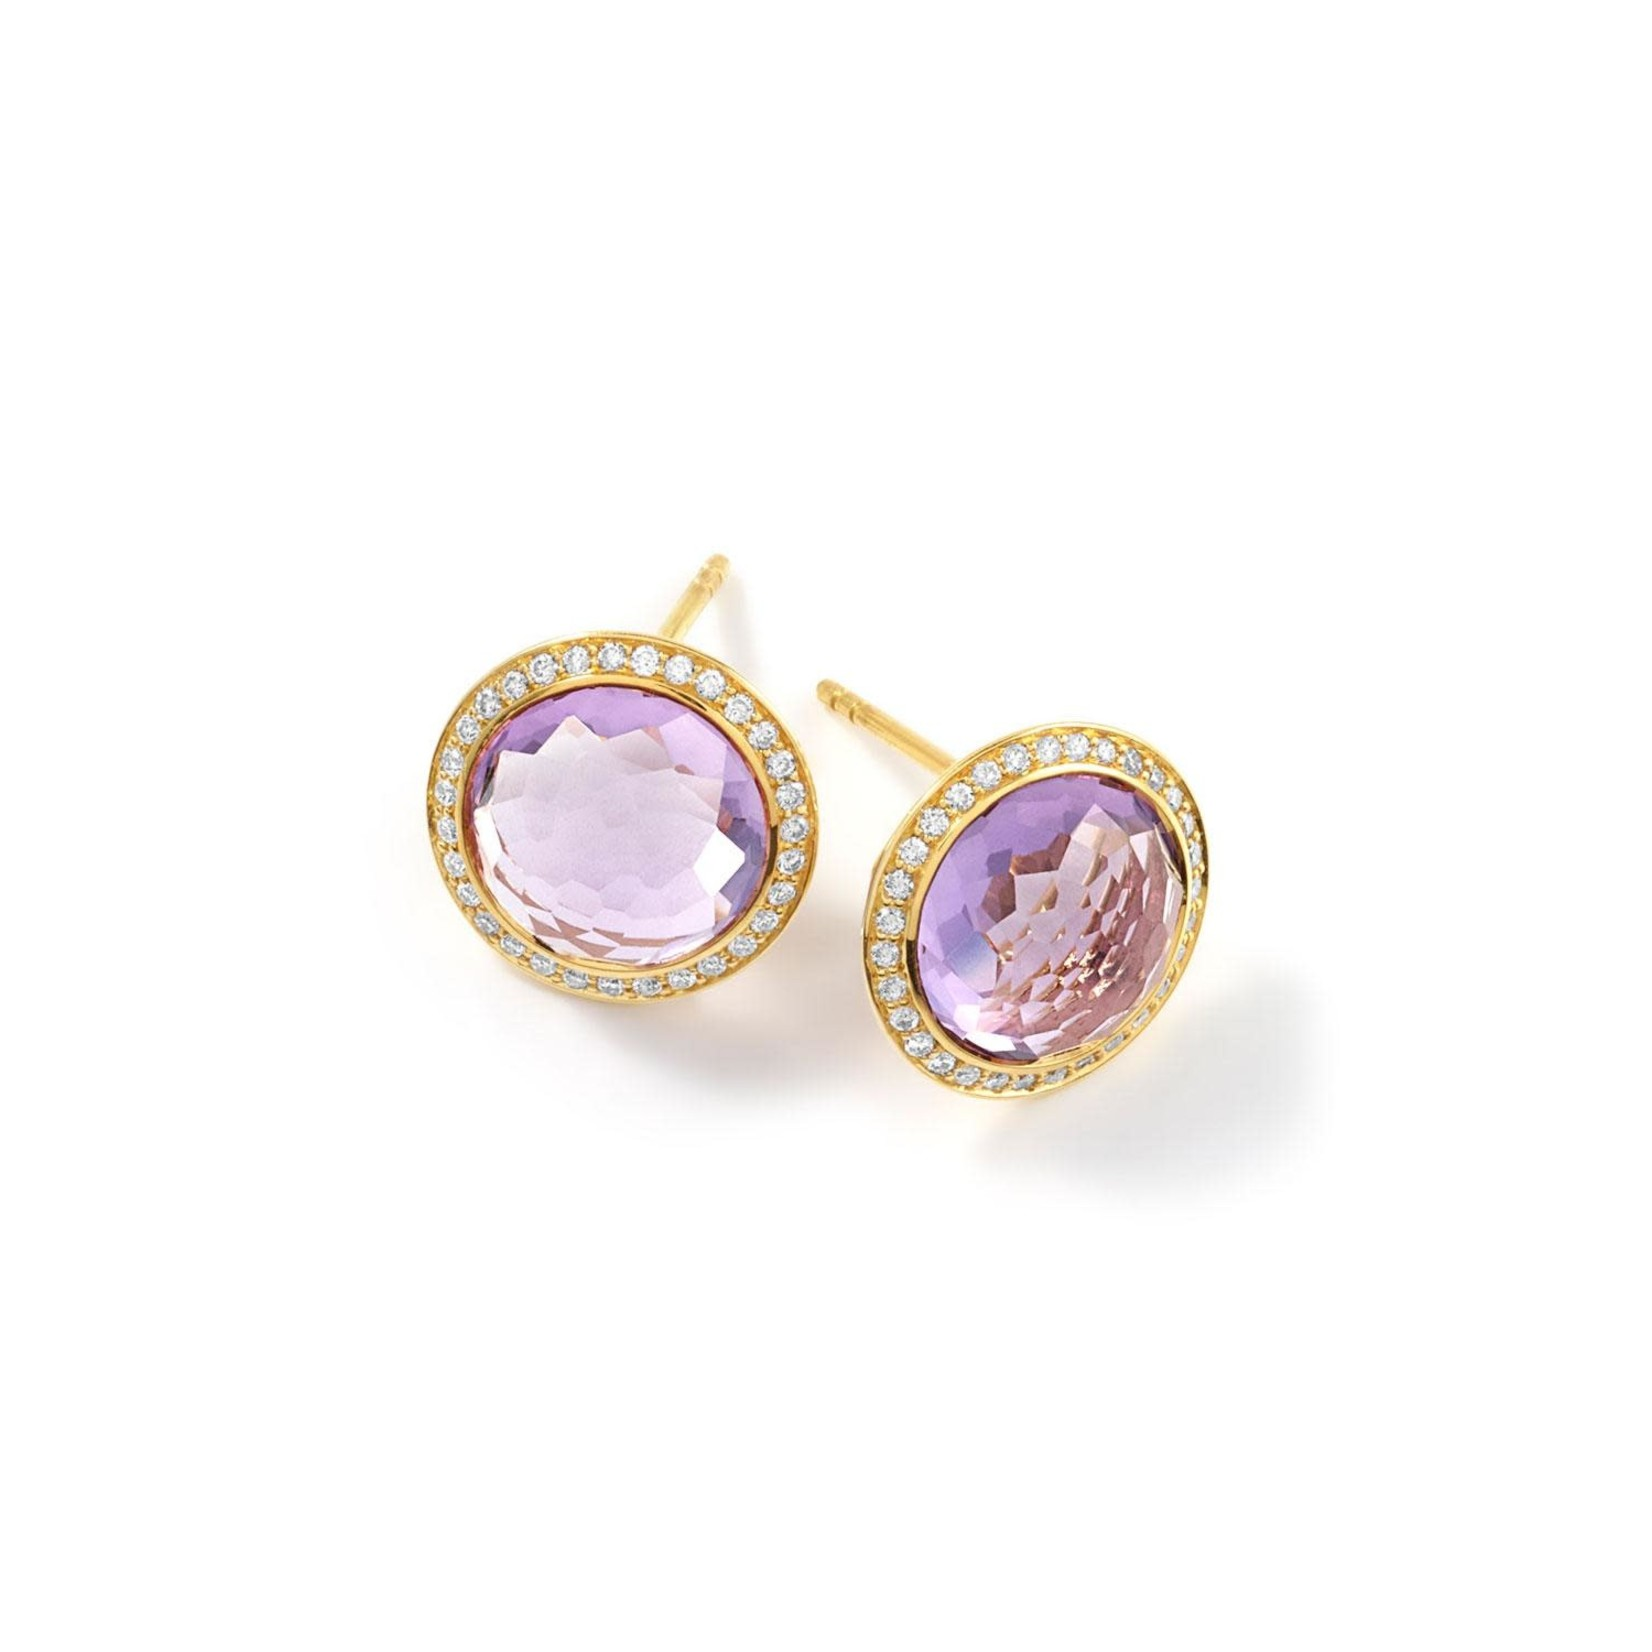 18KY Gold Amethyst & Diamond 0.64ctw Stud Earrings